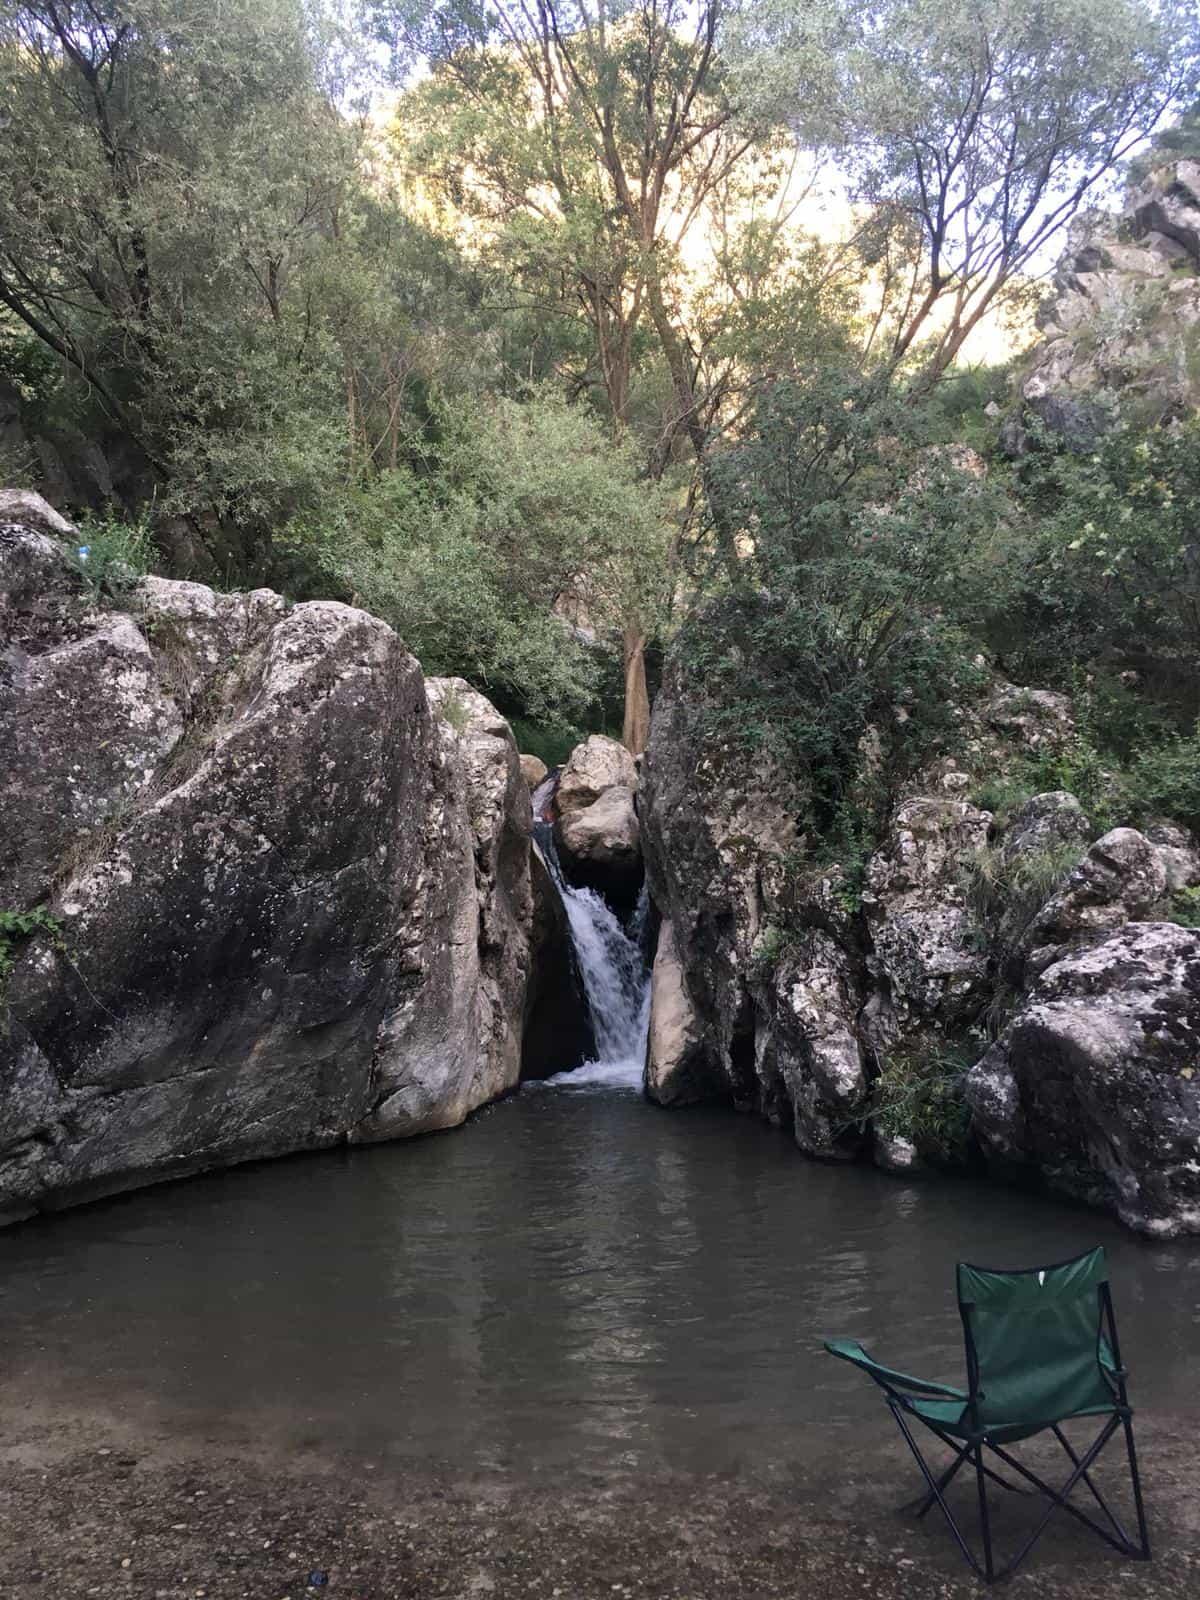 Photo of Kıbrıs Köyü Kanyonuna nasıl gidilir? piknik alanı,kamp,harita?